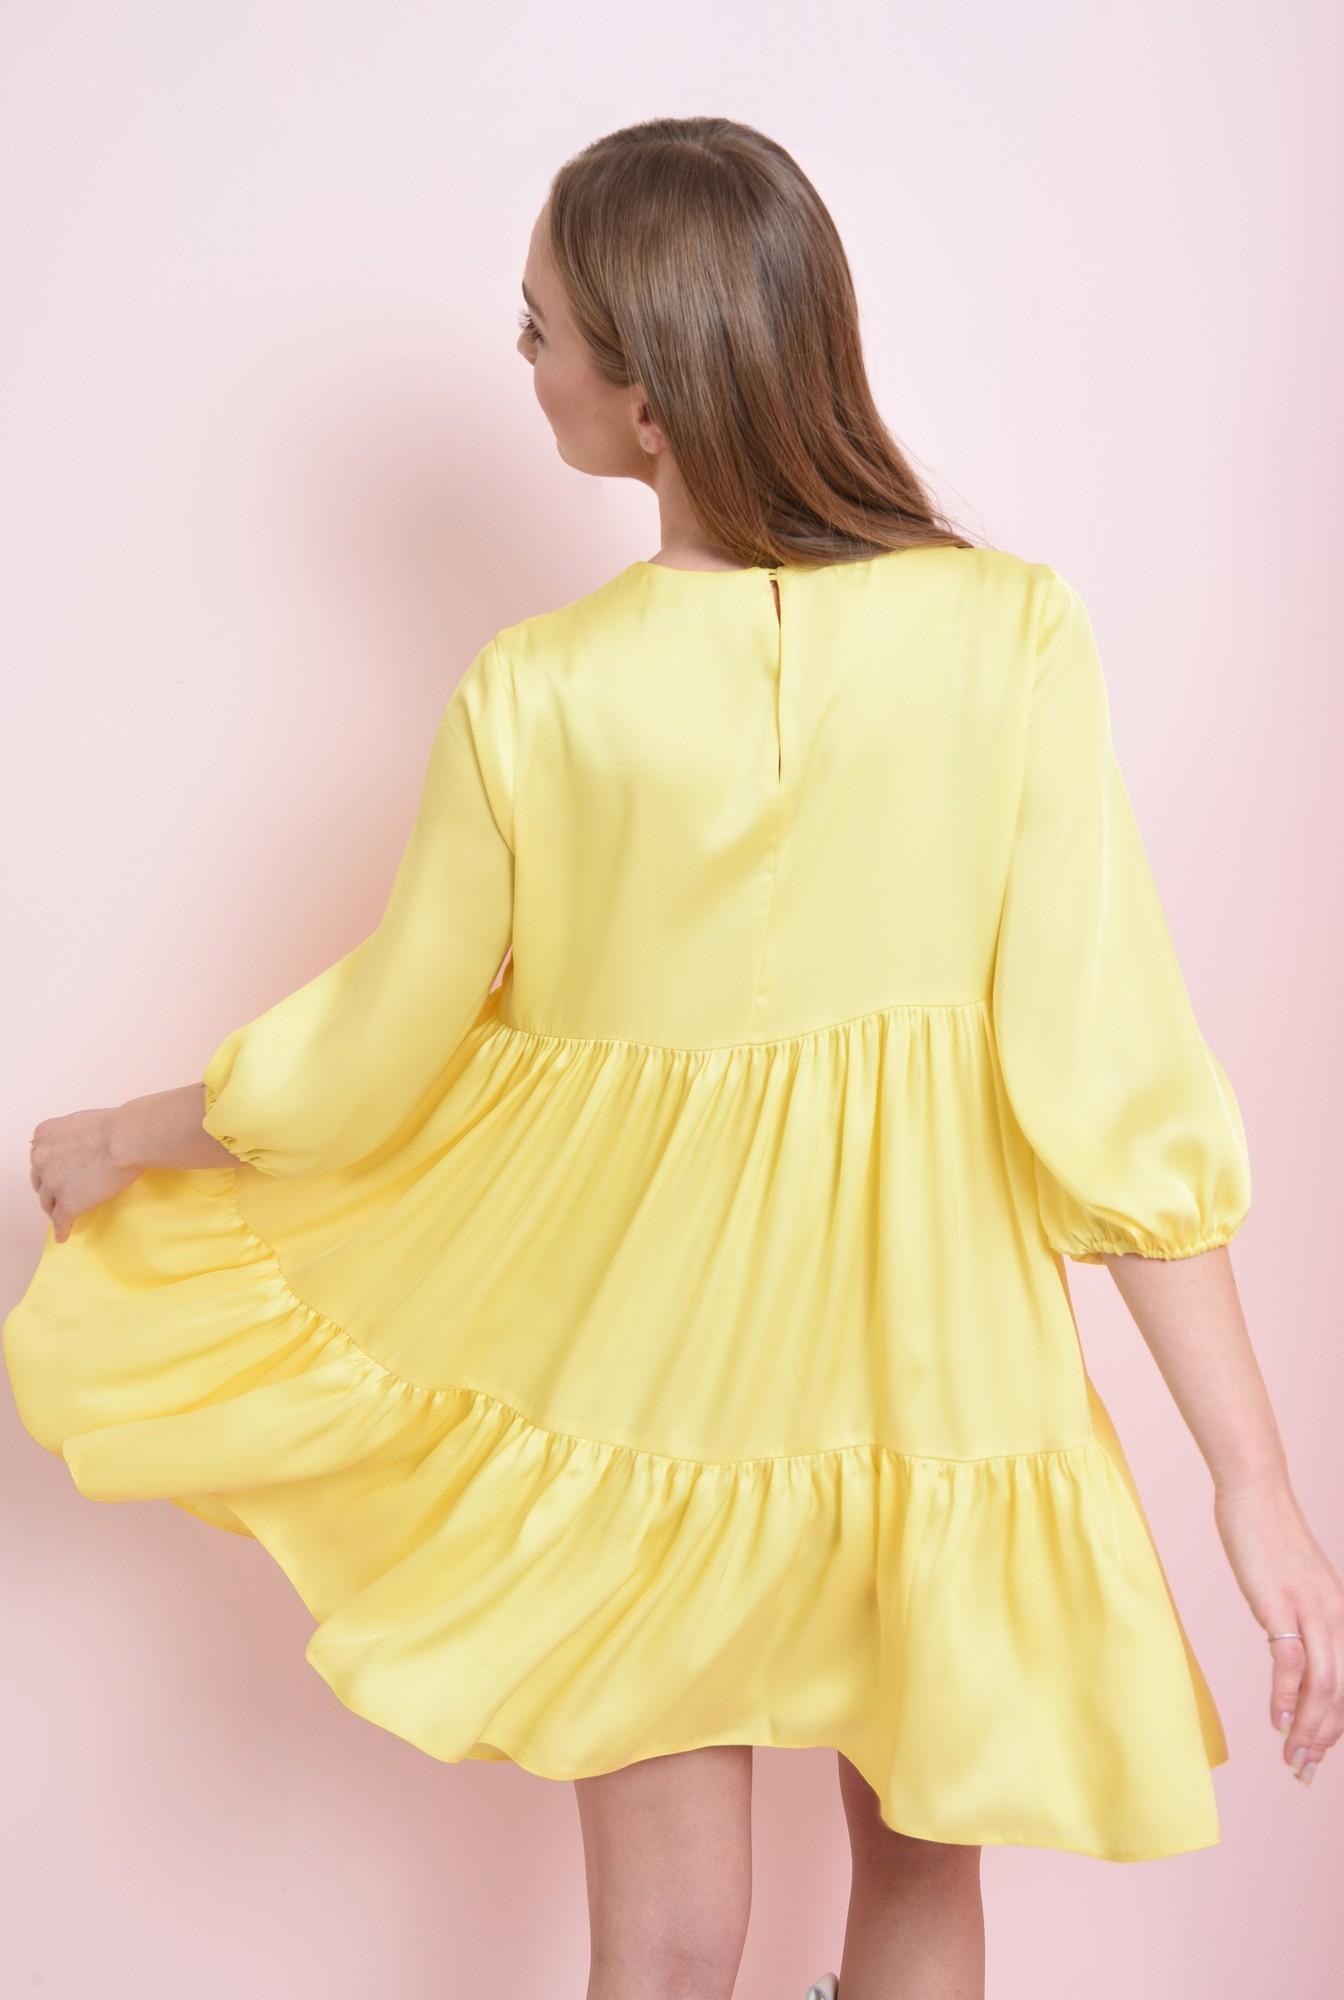 2 - rochie galbena, cu volan, cu decolteu rotund